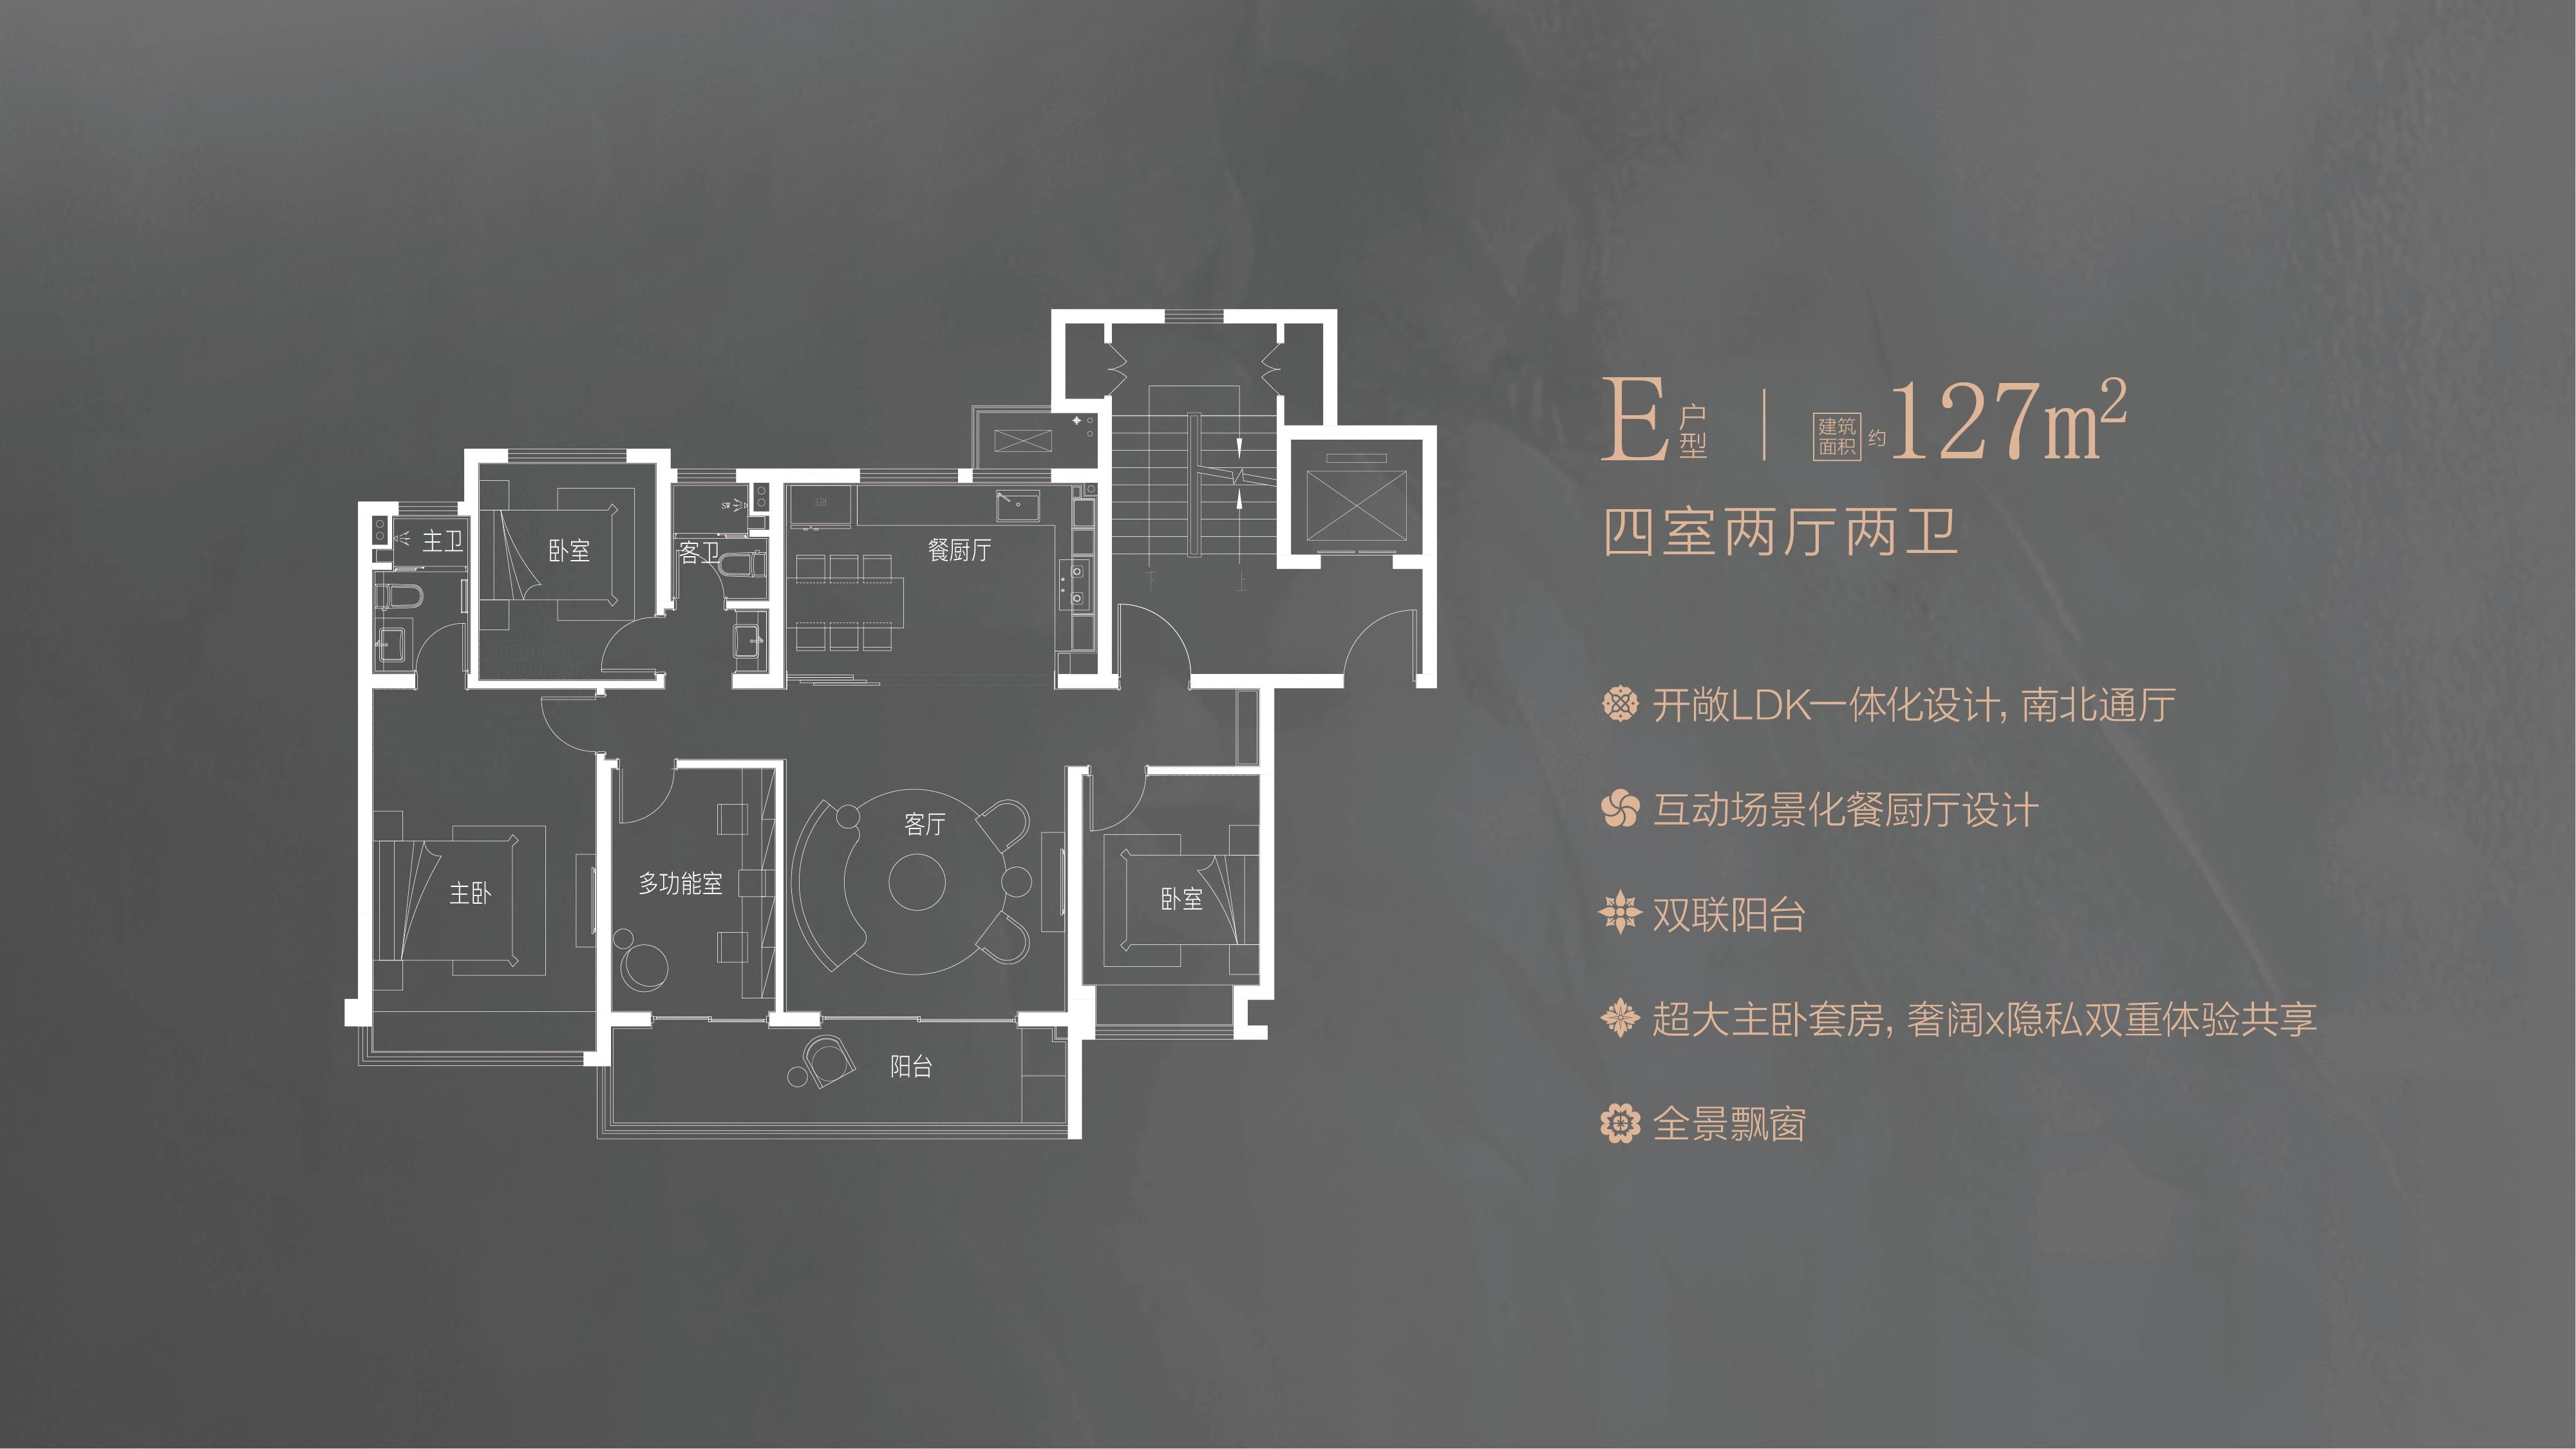 中海方山印建面约127㎡E户型图